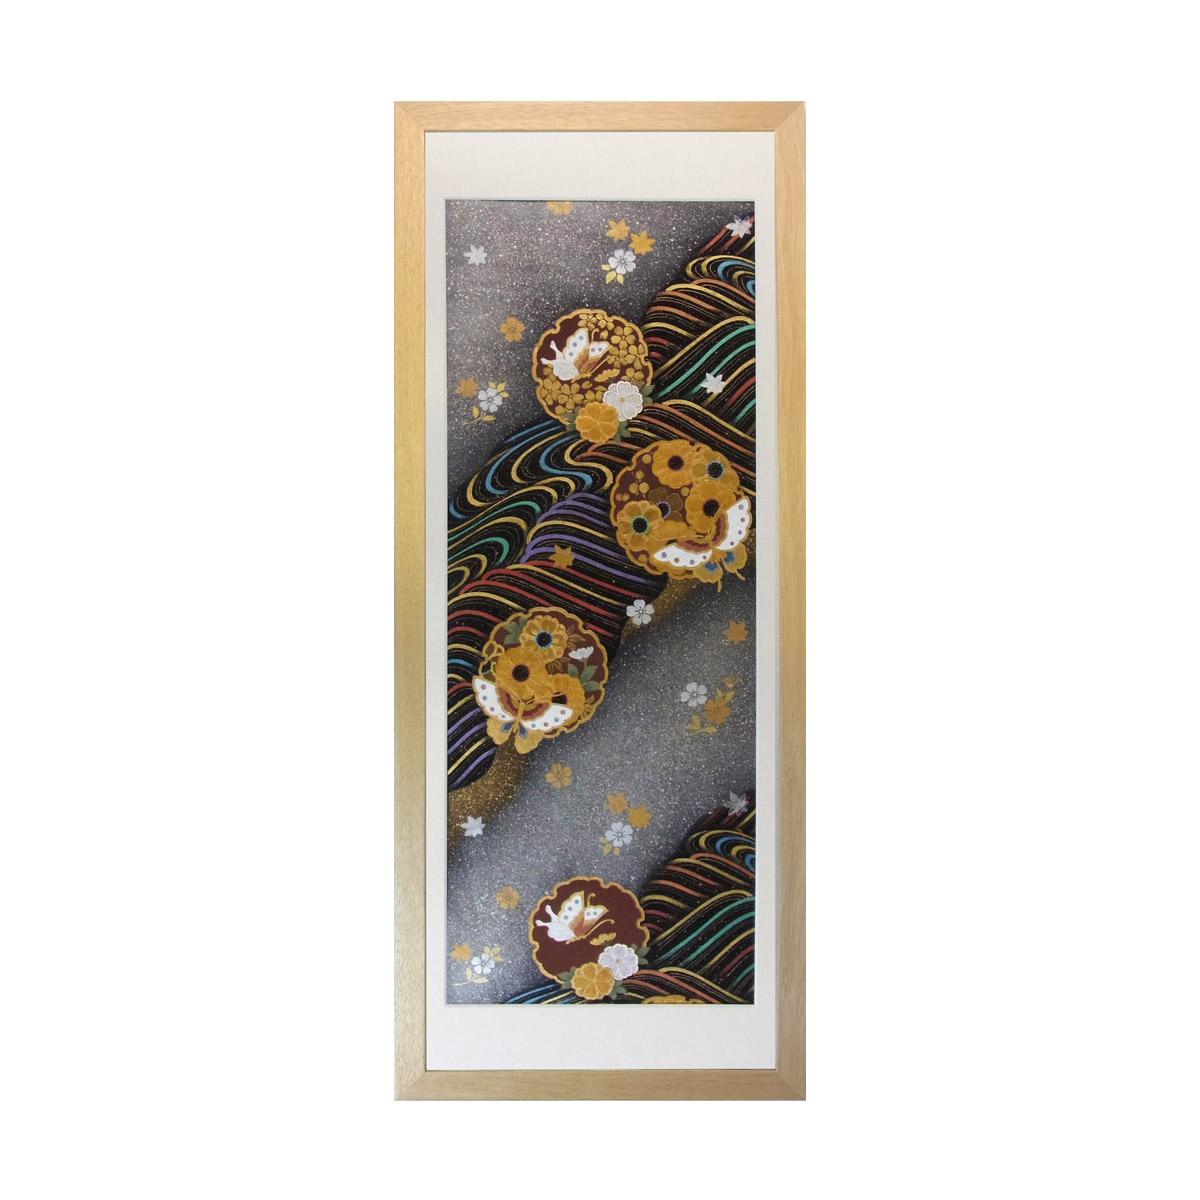 和風の額 壁掛インテリア 西陣織帯原画のアートフレーム 《28》